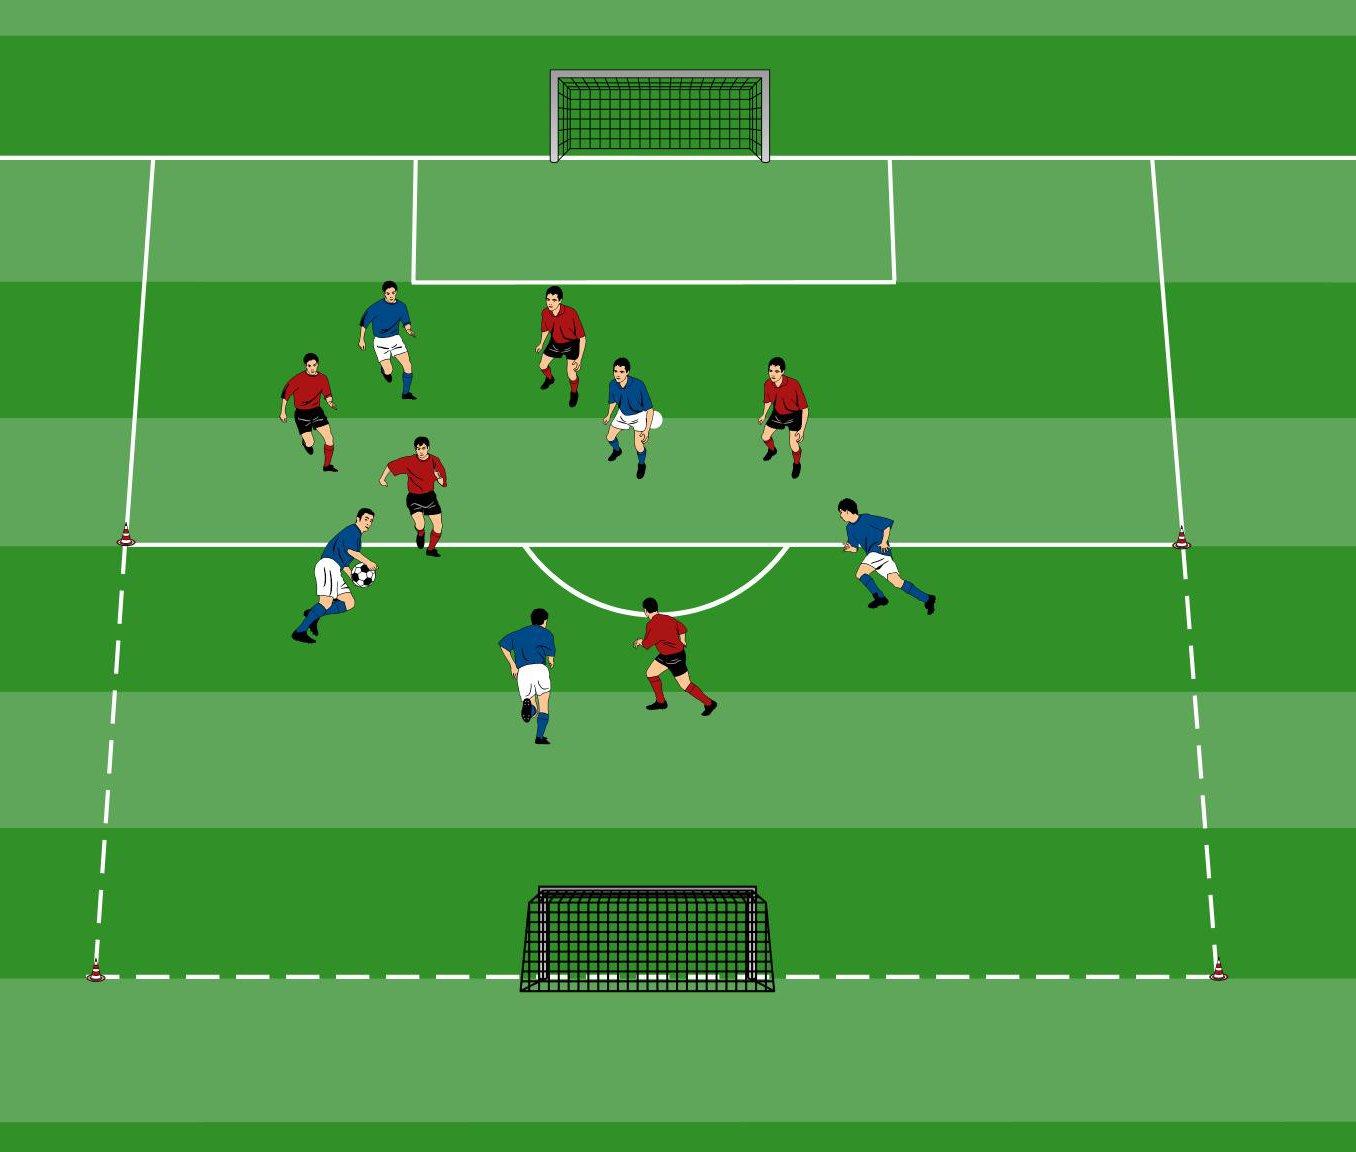 Handballspiel im Fußballtraining